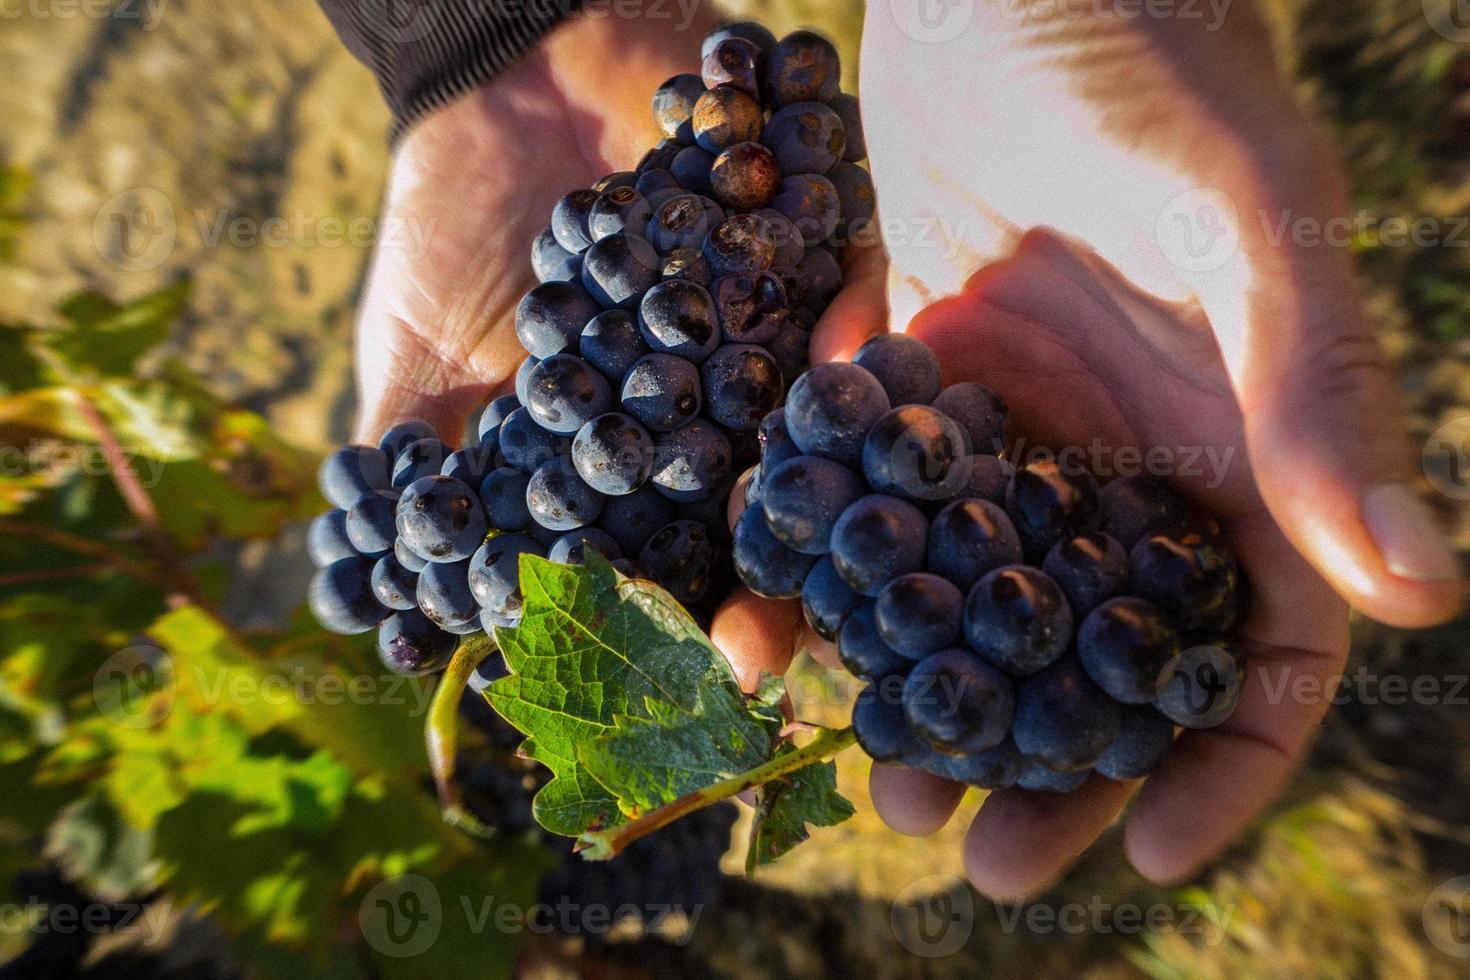 franse wijngaard - druiven in de hand foto